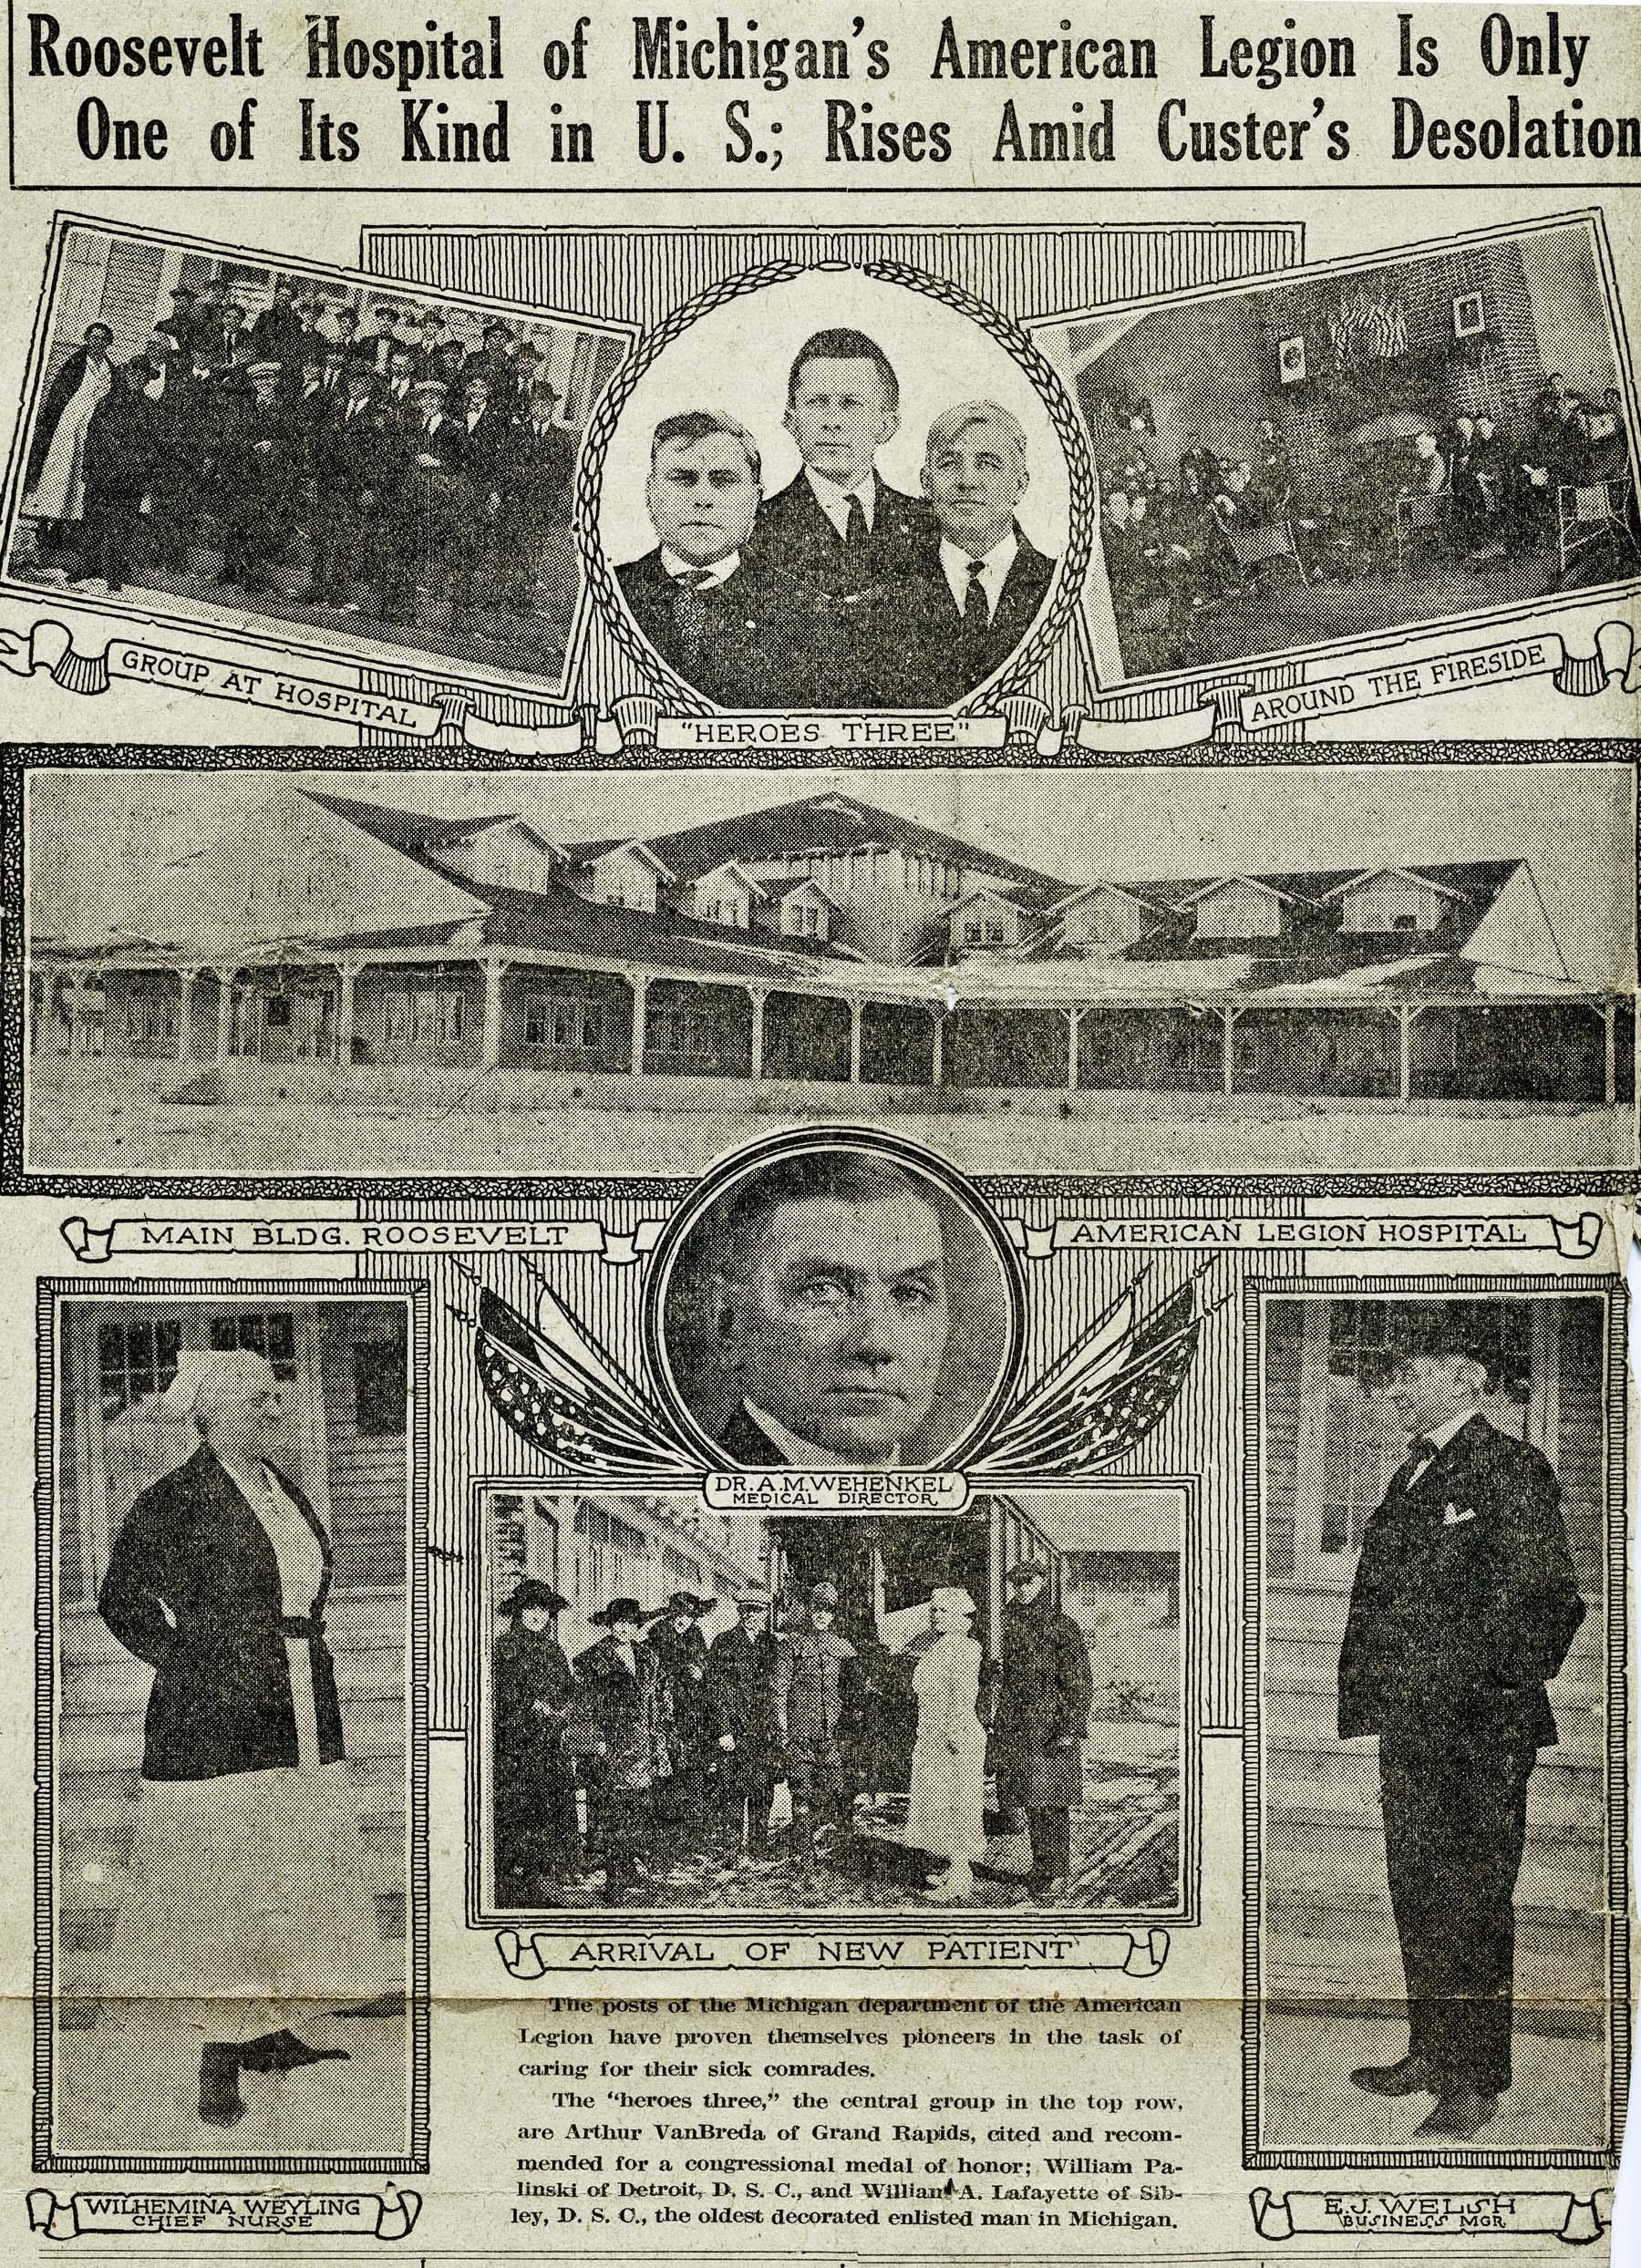 John T. Alexander, American Legion Post 17